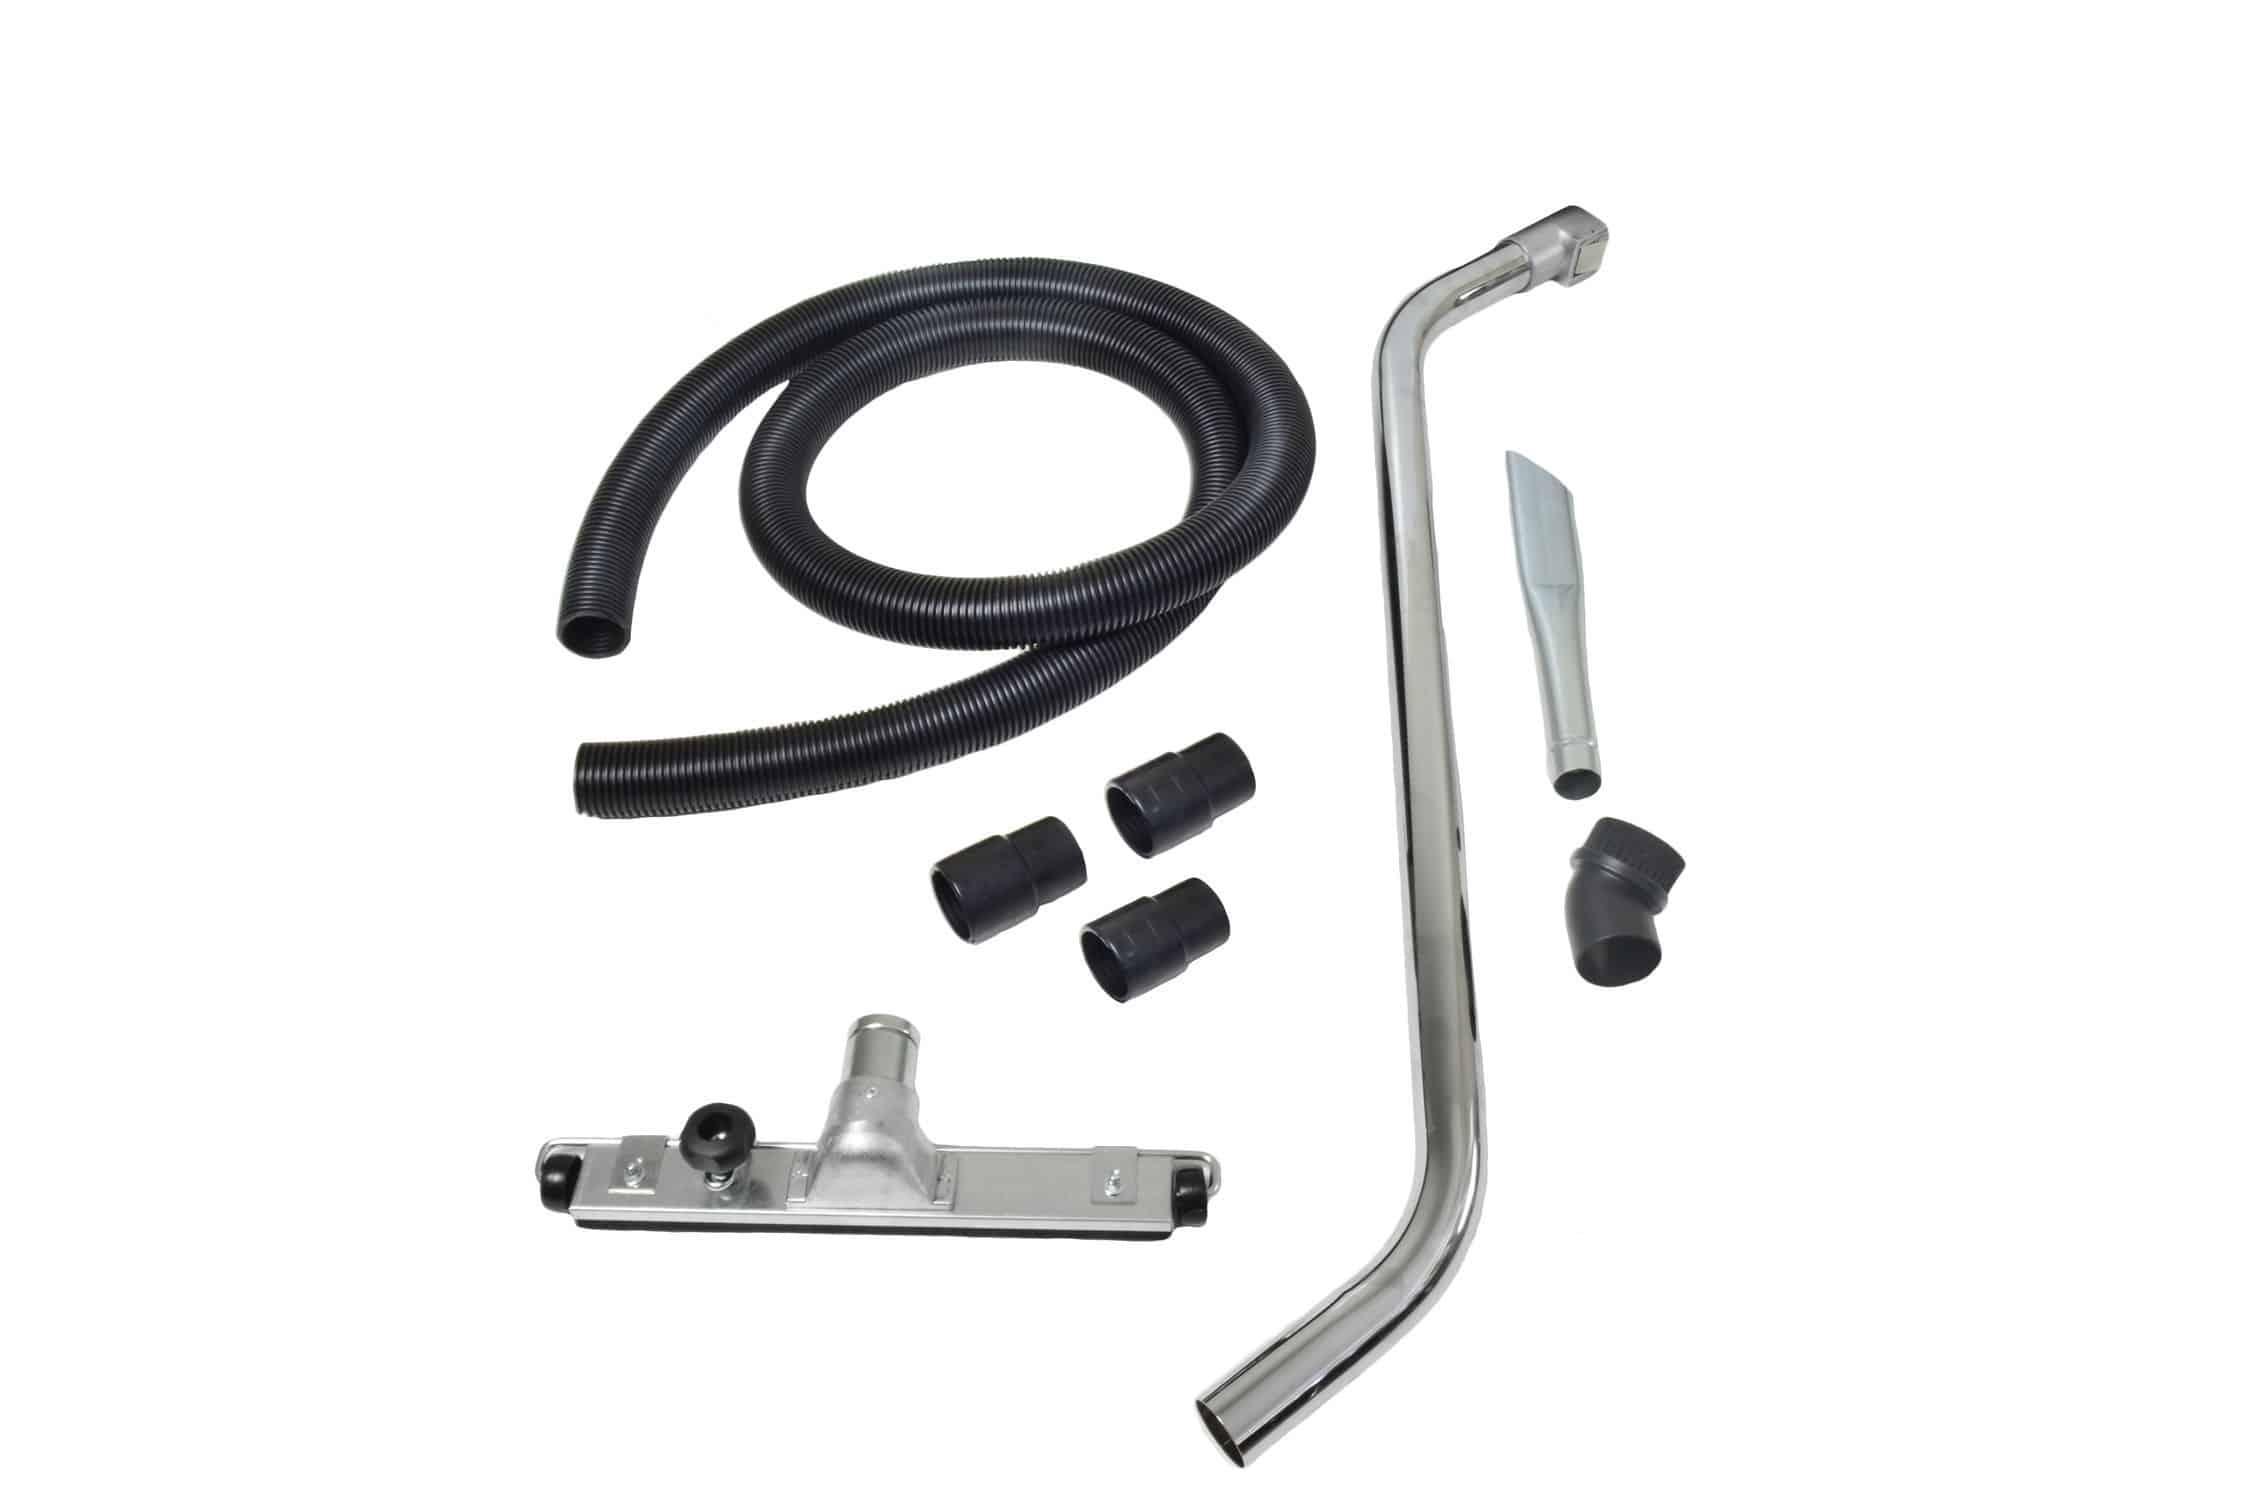 Set di accessori per aspirapolvere industriale - DRY KIT - DEPURECO ... 57badd5c8c7e